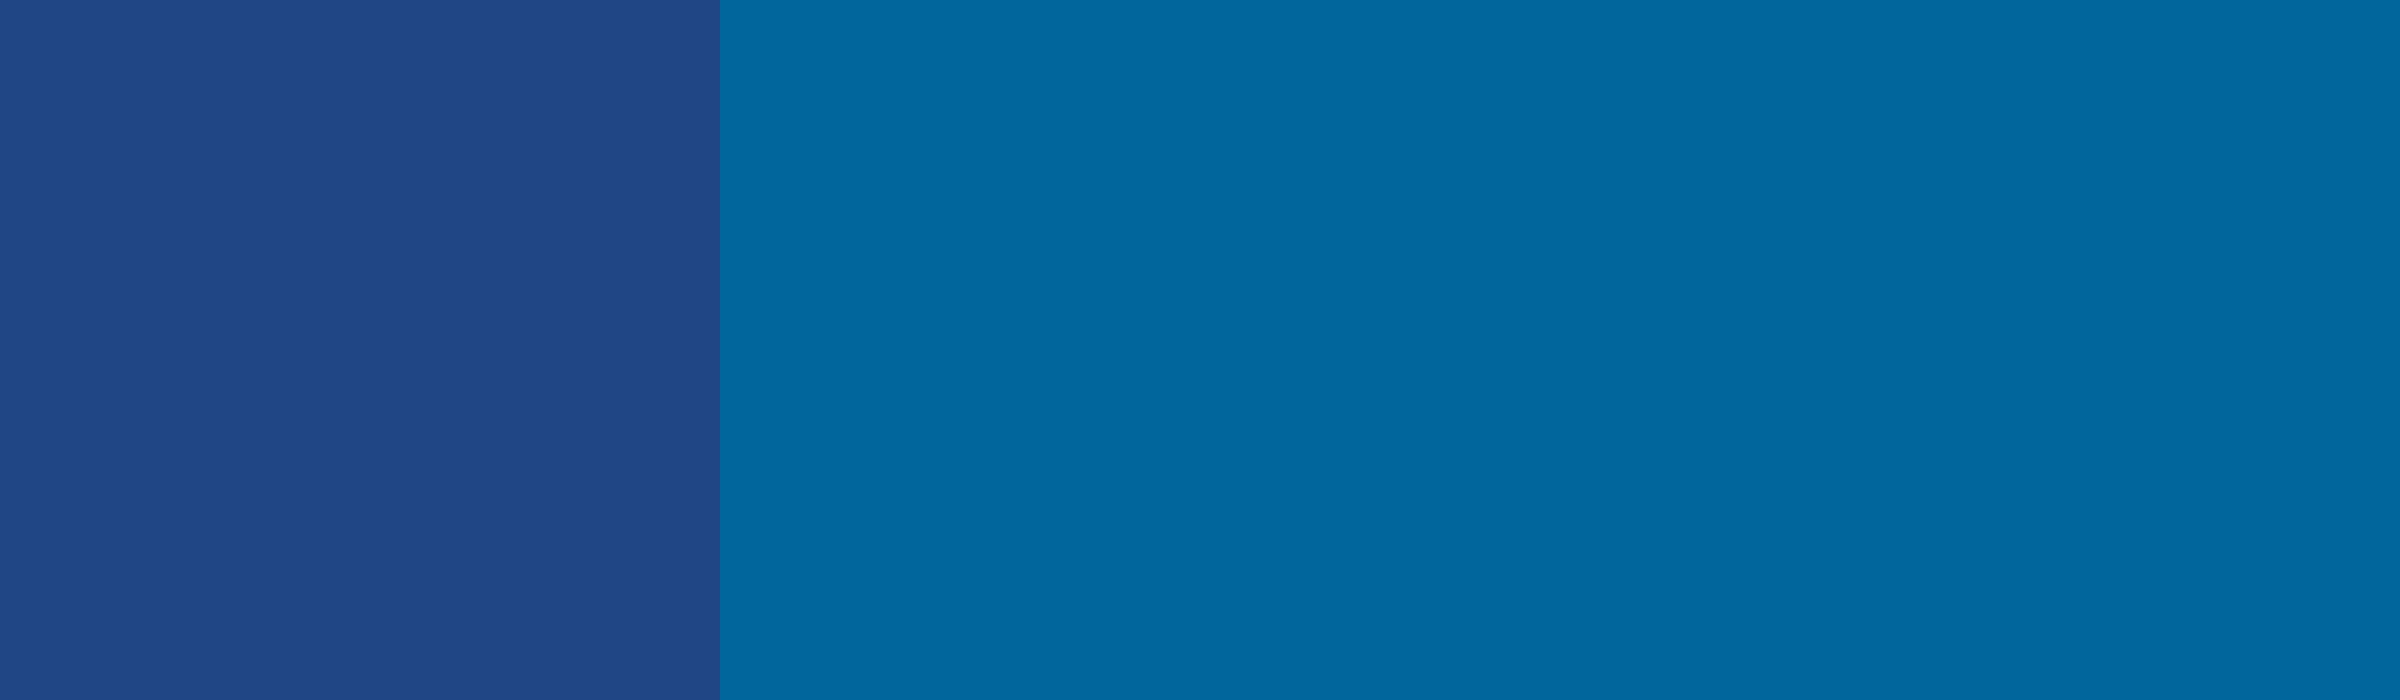 fond slider bleu pierrasec